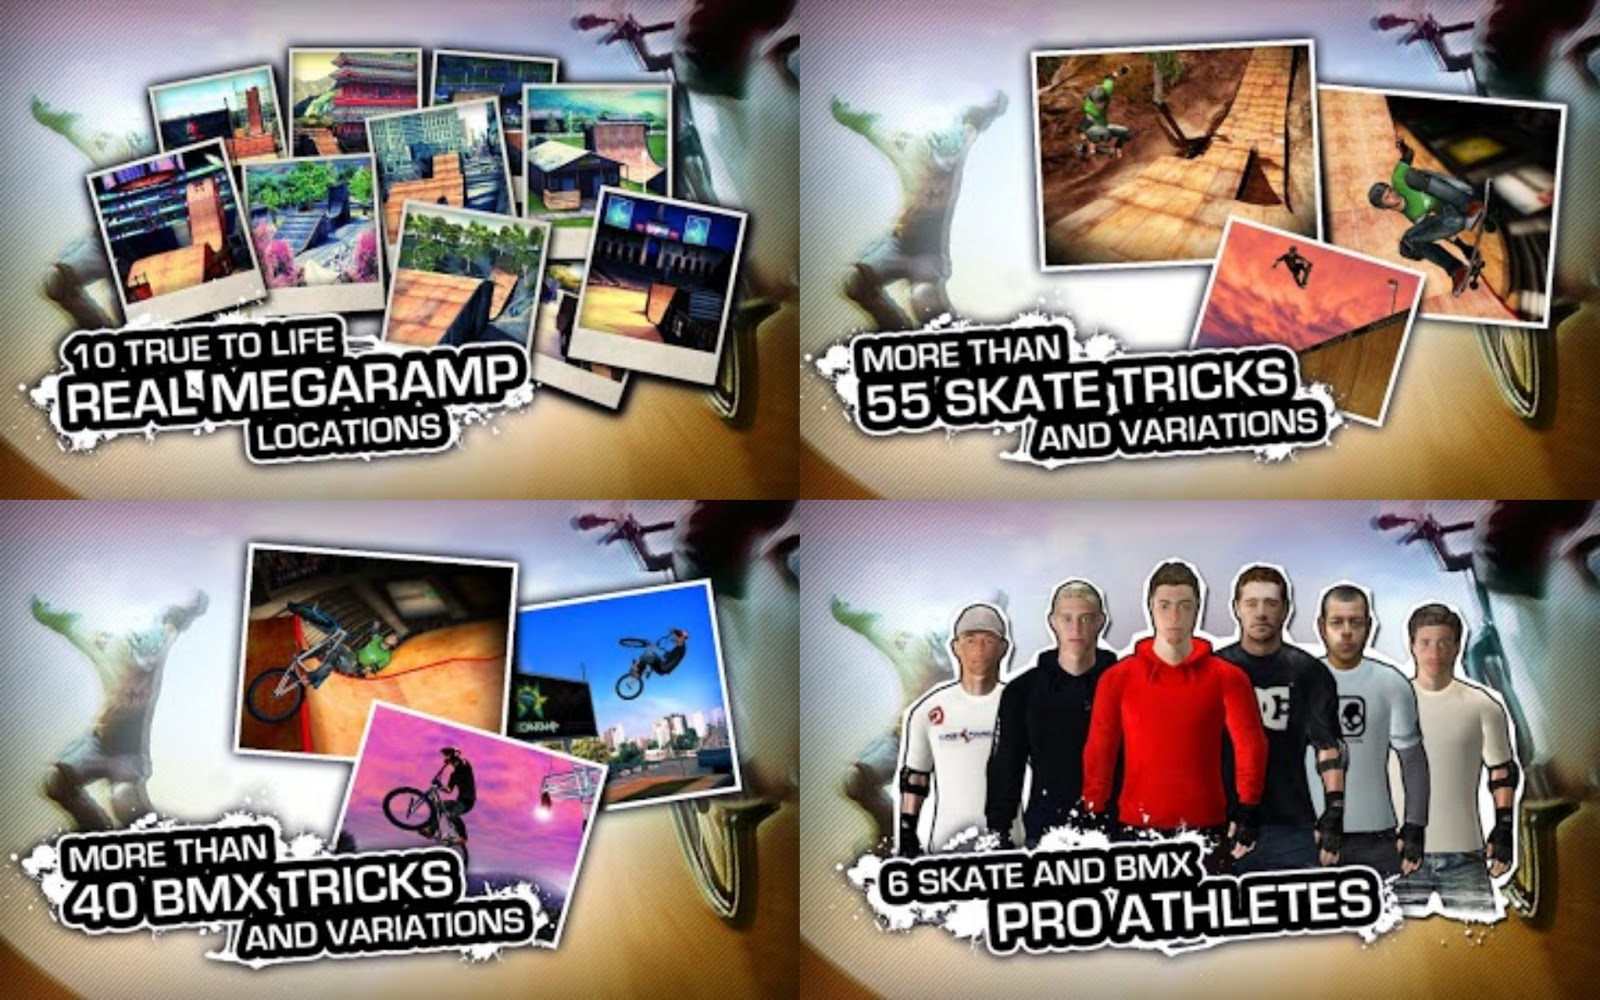 MegaRamp+Skate+&+BMX+-+android+apk+data+full+-+gamebunkerz+blogspot ...